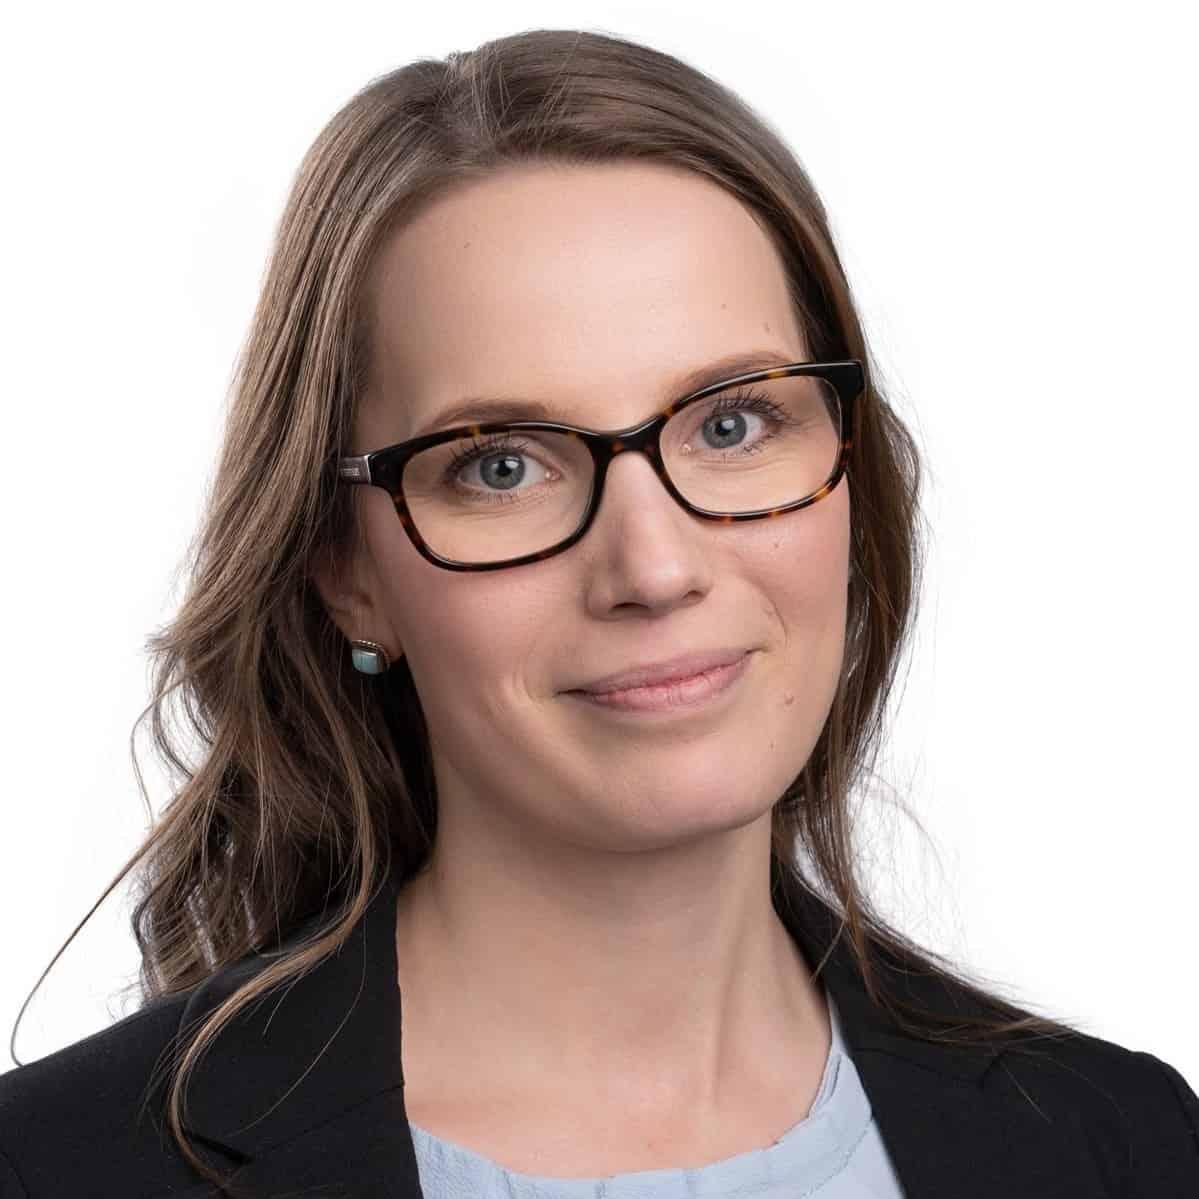 Emmi Siven Suomen Seniorihoiva - Hoivapalvelut Helsinki - Seniori-info - Helppiseniori